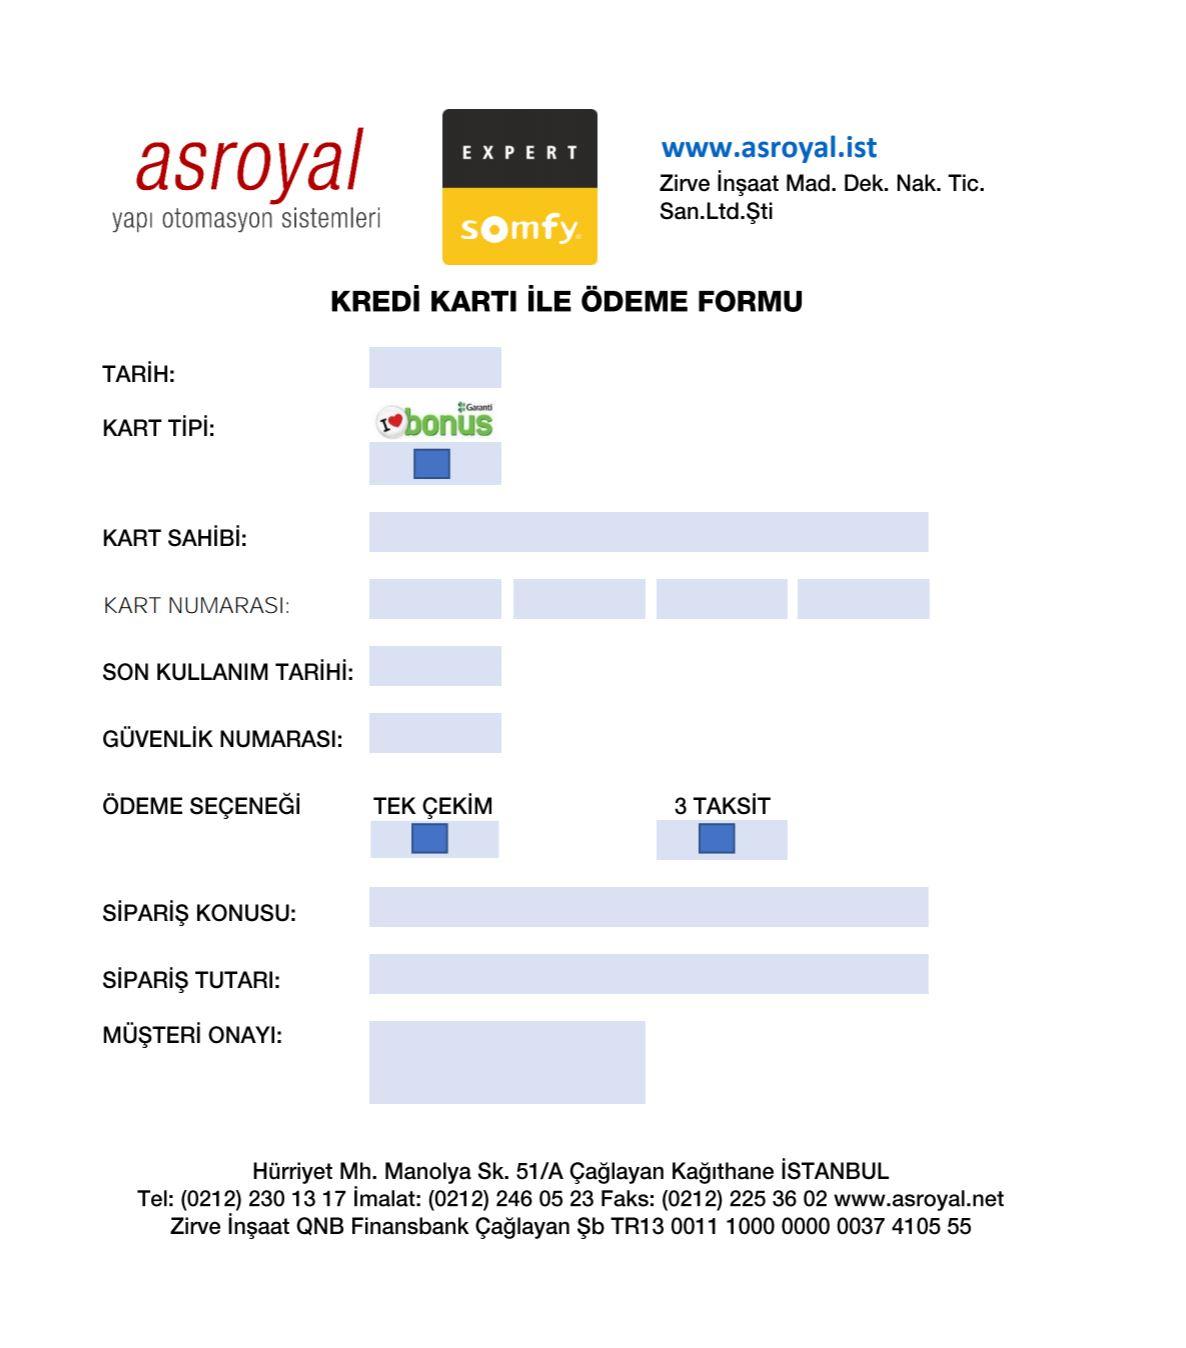 somfy mail order formu